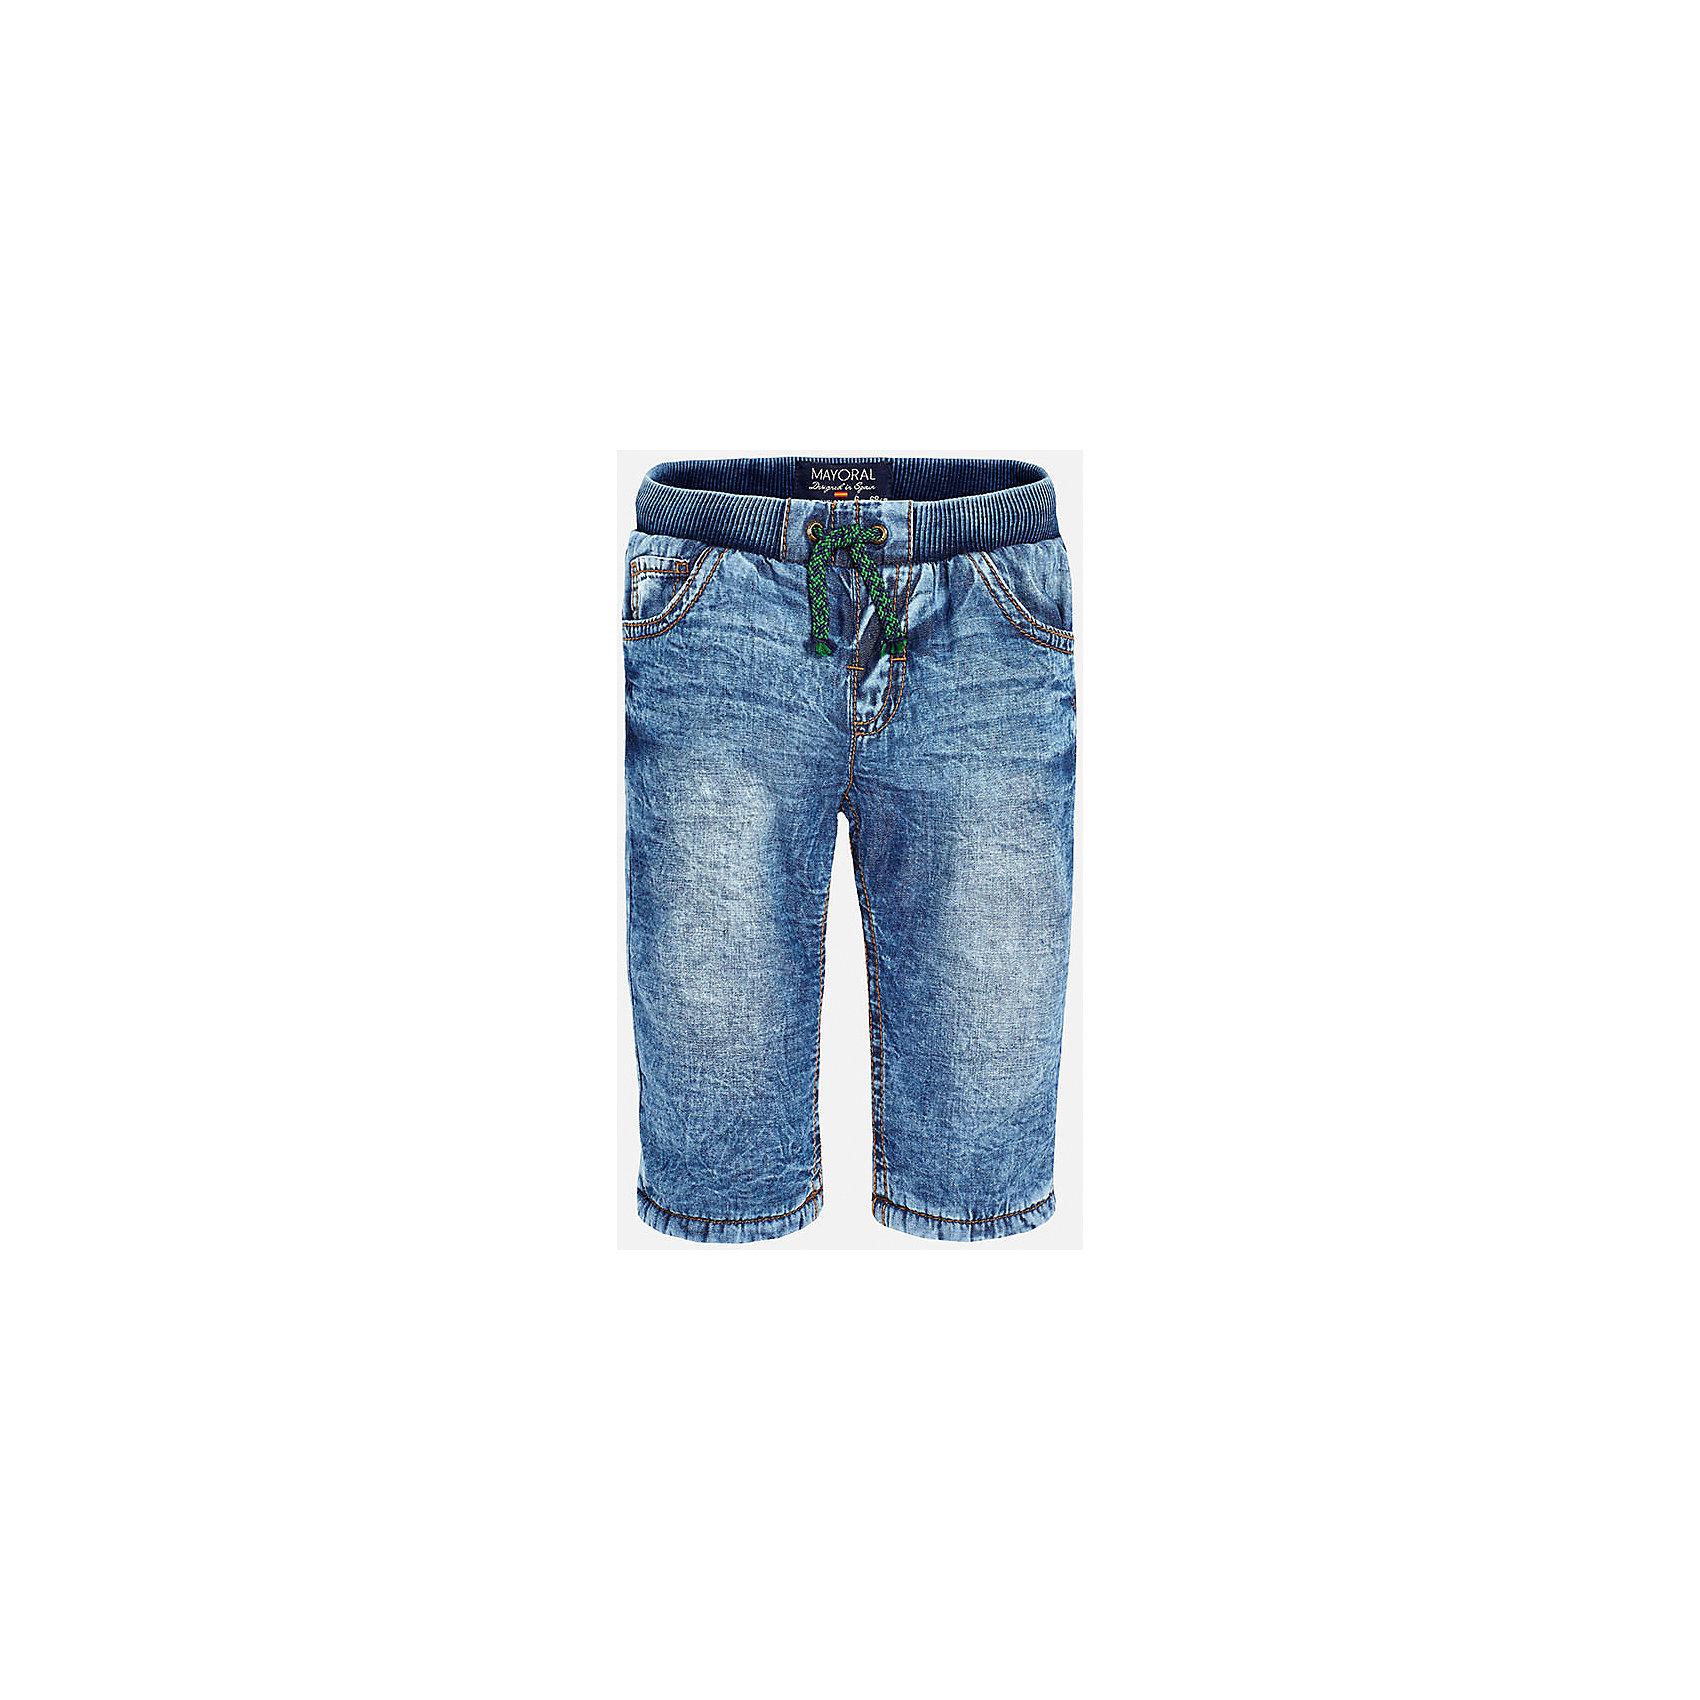 Джинсы для мальчика MayoralДжинсовая одежда<br>Джинсы для мальчика от известного испанского бренда Mayoral(Майорал) изготовлены из хлопка с подкладкой из полиэстера. На поясе удобная резиночка и завязки. Спереди и сзади по два кармана. В таких джинсах юному моднику будет очень удобно!<br><br>Дополнительная информация:<br>Состав: 100% хлопок. Подкладка: 100% полиэстер<br>Цвет: синий<br>Брюки для мальчика Mayoral(Майорал) вы можете приобрести в нашем интернет-магазине.<br><br>Ширина мм: 215<br>Глубина мм: 88<br>Высота мм: 191<br>Вес г: 336<br>Цвет: голубой<br>Возраст от месяцев: 6<br>Возраст до месяцев: 9<br>Пол: Мужской<br>Возраст: Детский<br>Размер: 74,92,86,80<br>SKU: 4820719